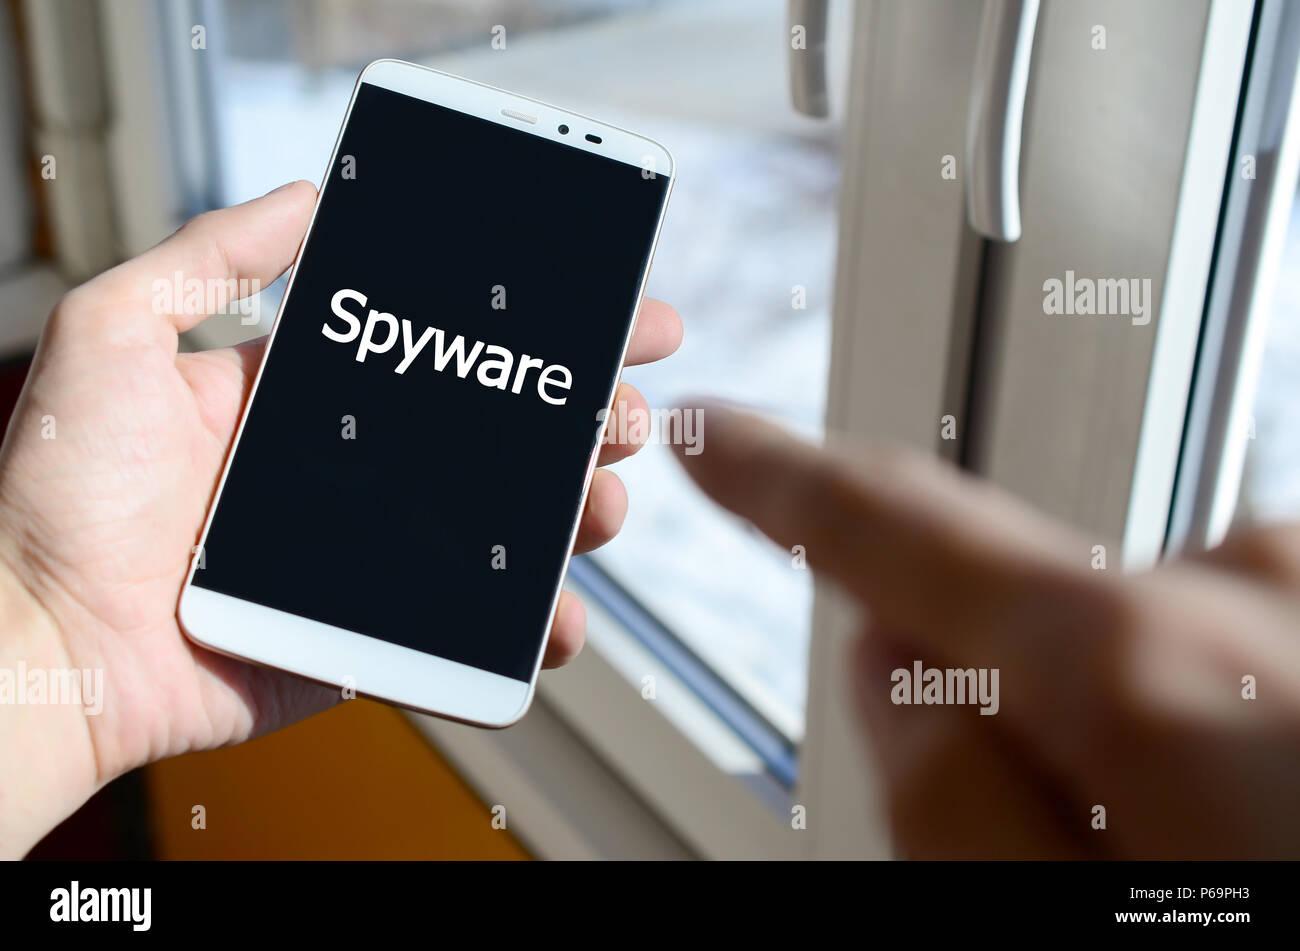 Una persona ve una inscripción blanca sobre una pantalla del smartphone negro que sostiene en su mano. Spyware . Imagen De Stock